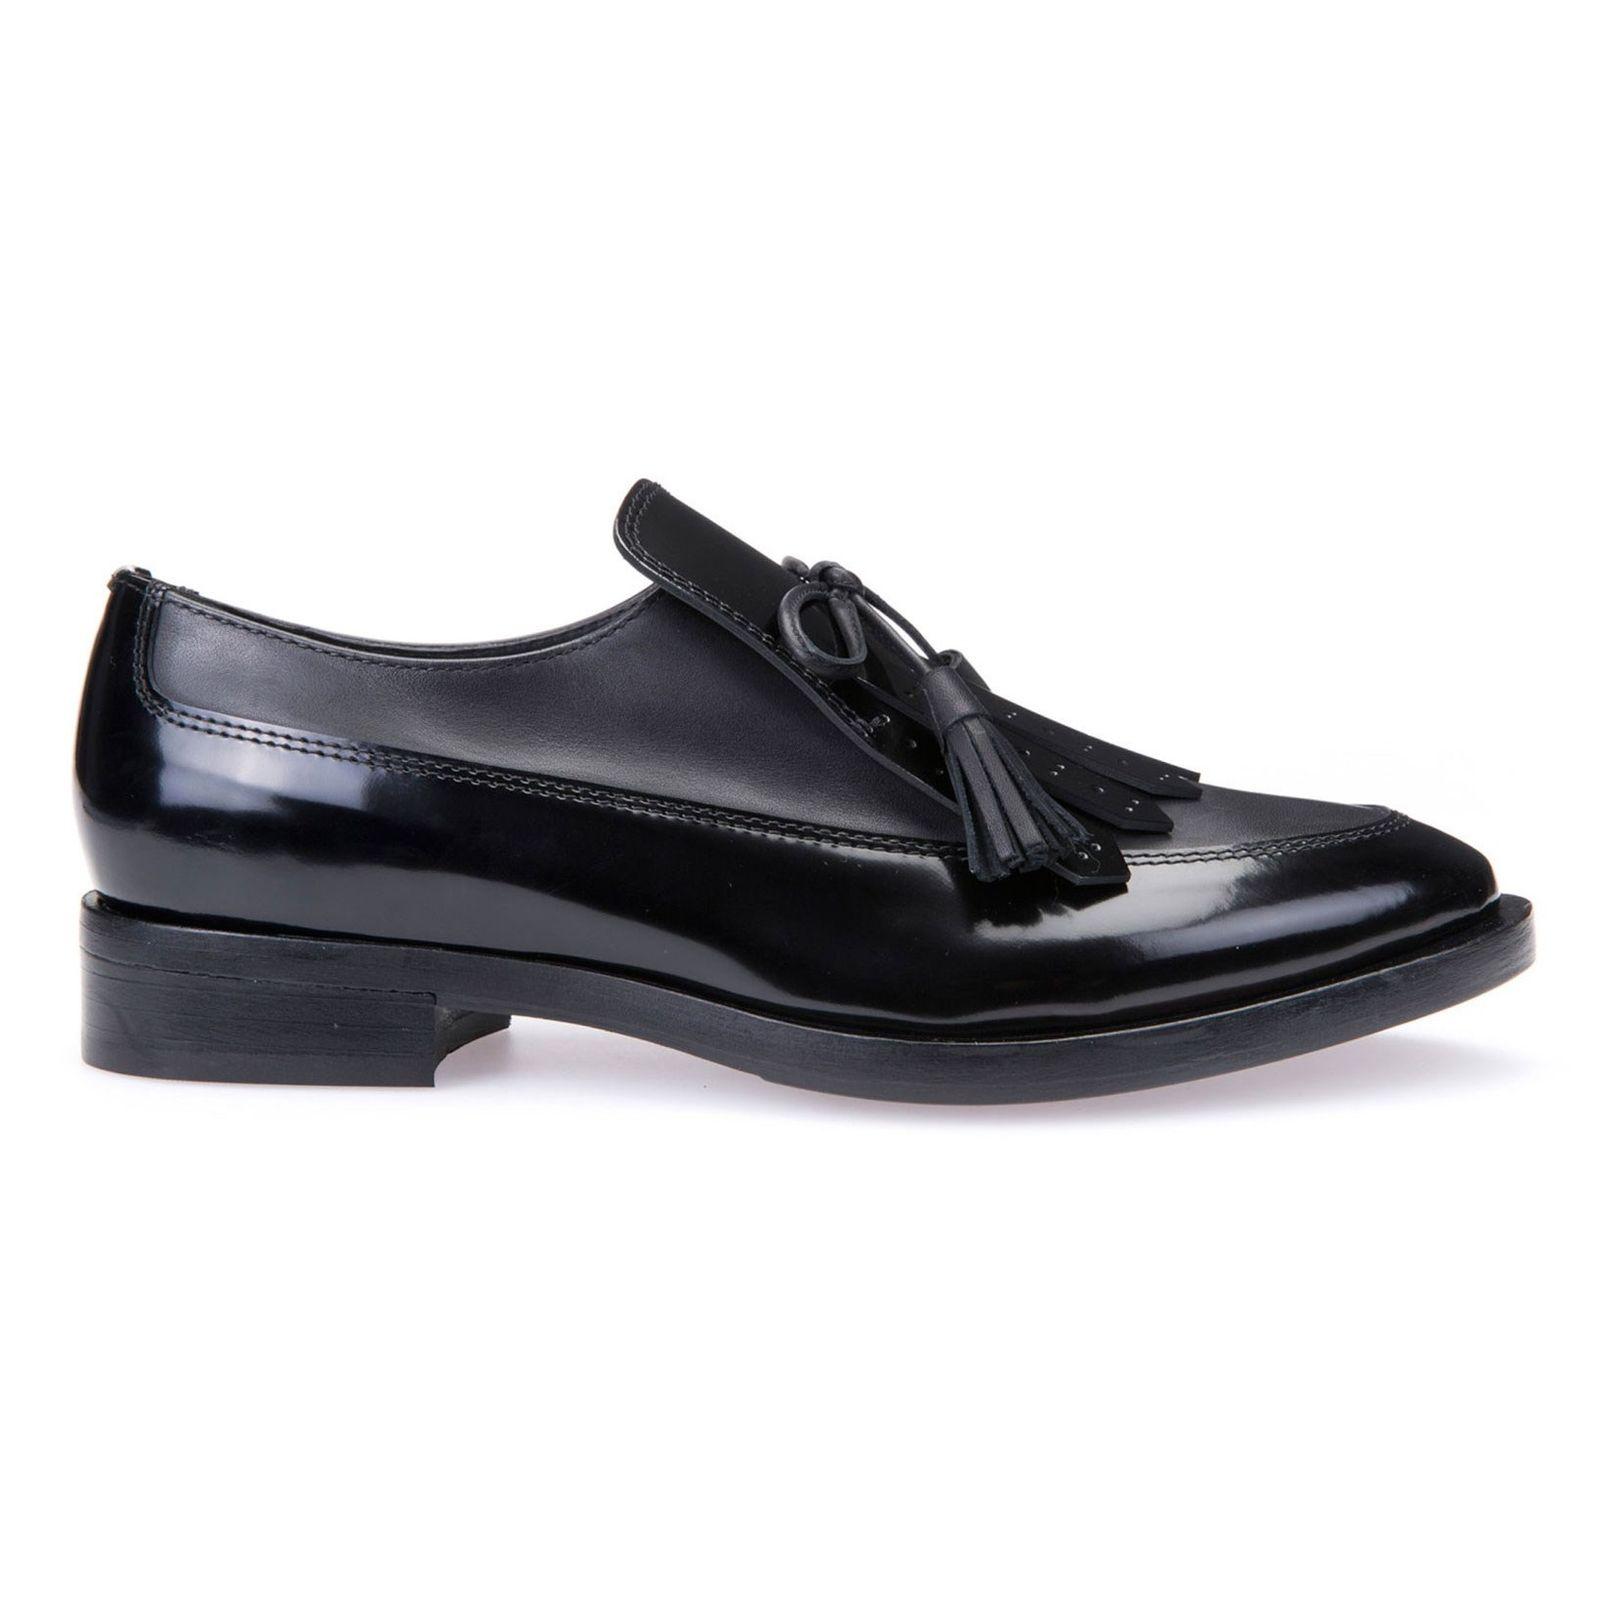 کفش تخت چرم زنانه - جی اوکس - مشکي - 1